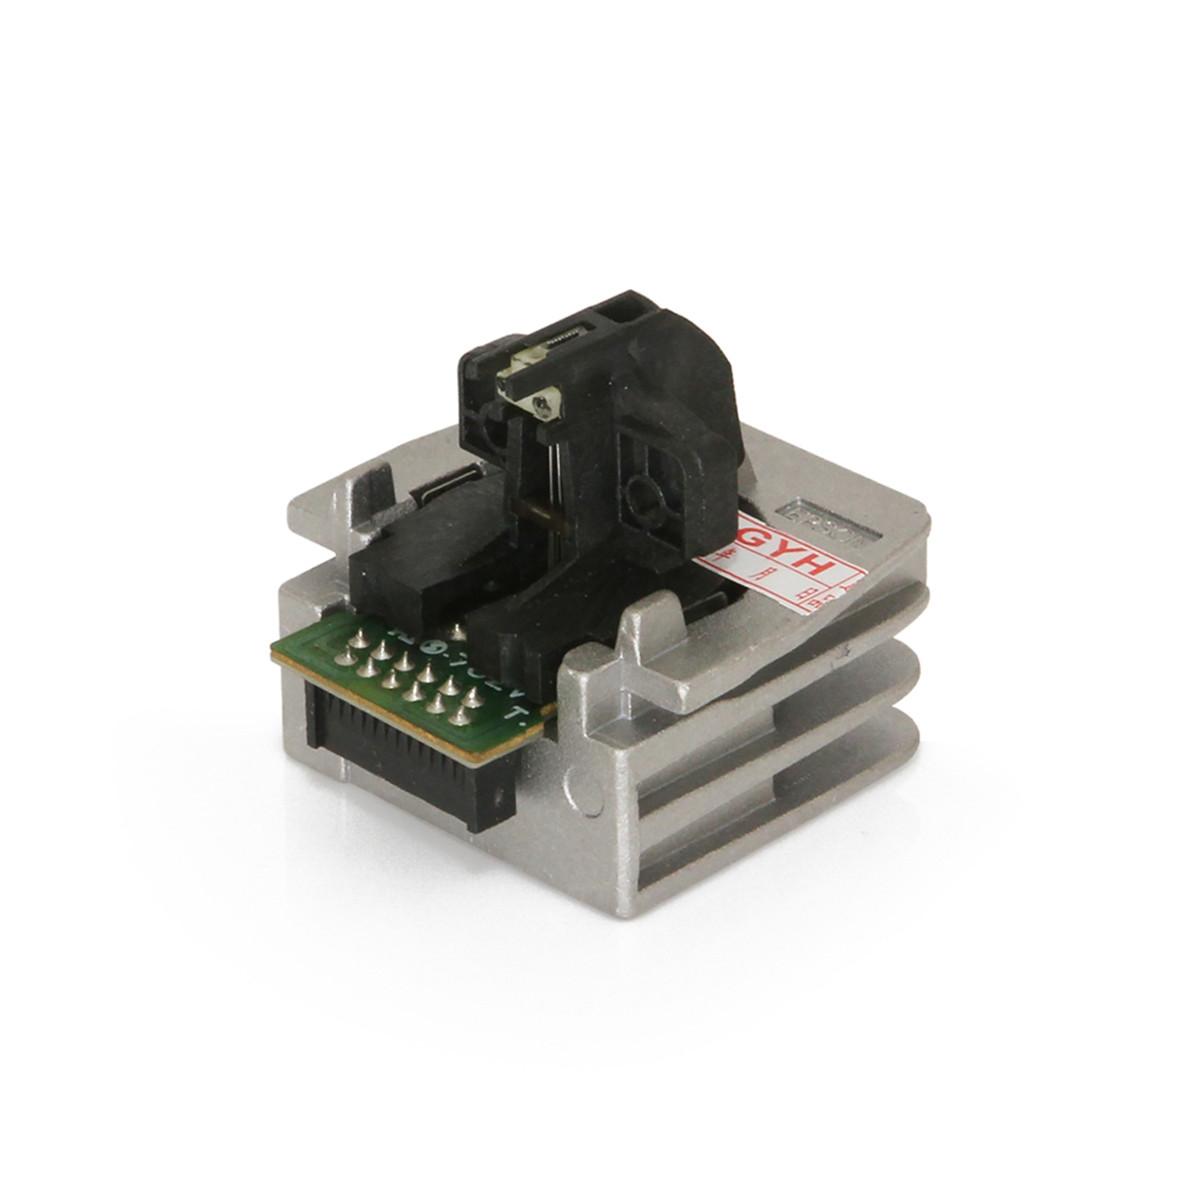 Cabeça de Impressão Epson LX300 LX300+ LX300+II | F052010 | Importado